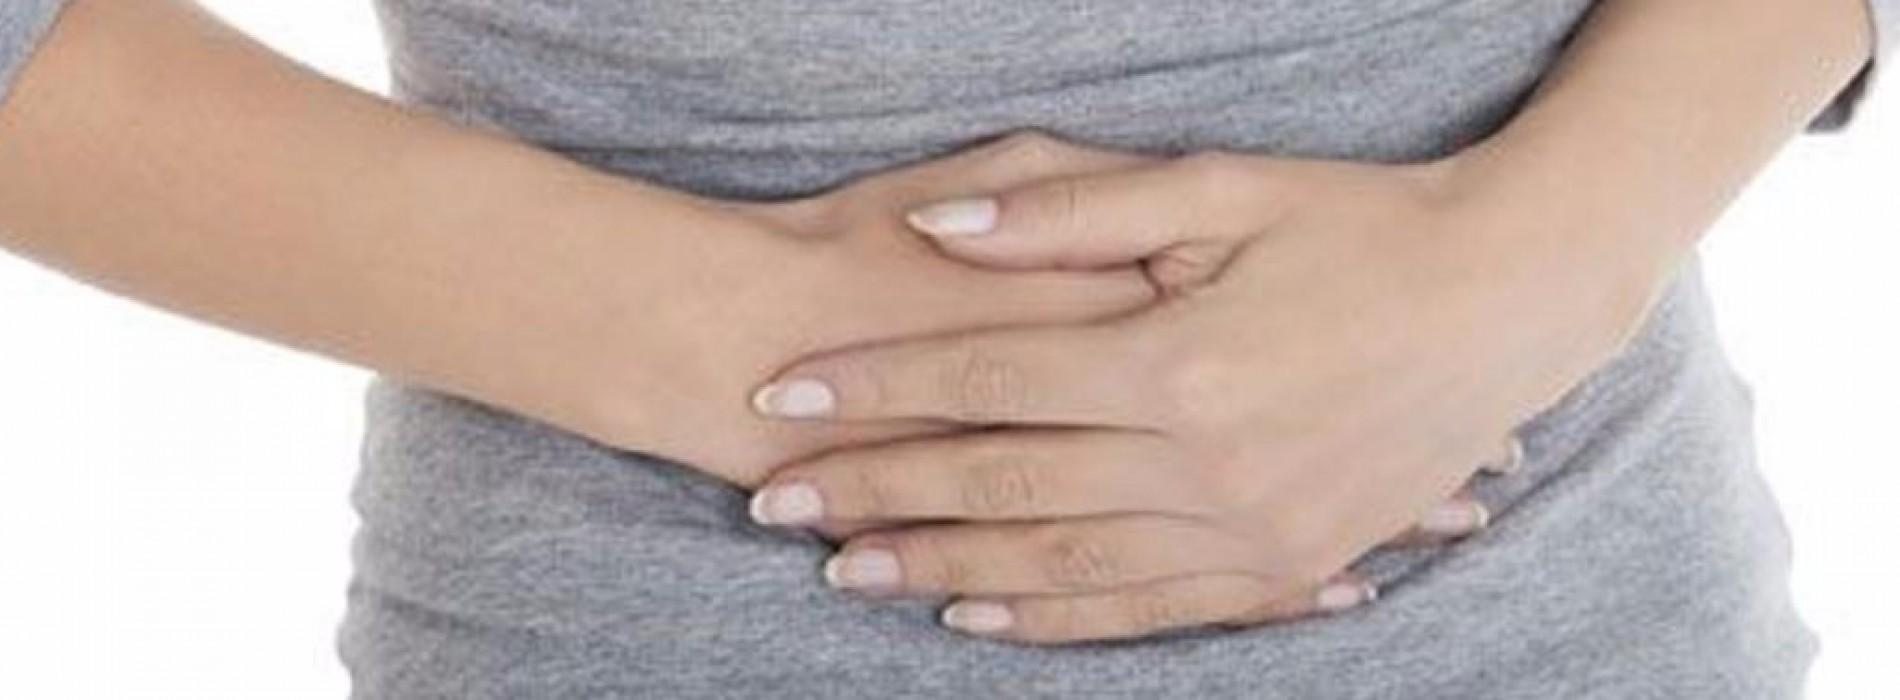 Dit koolrecept is effectiever dan medicijnen voor maagzweren.